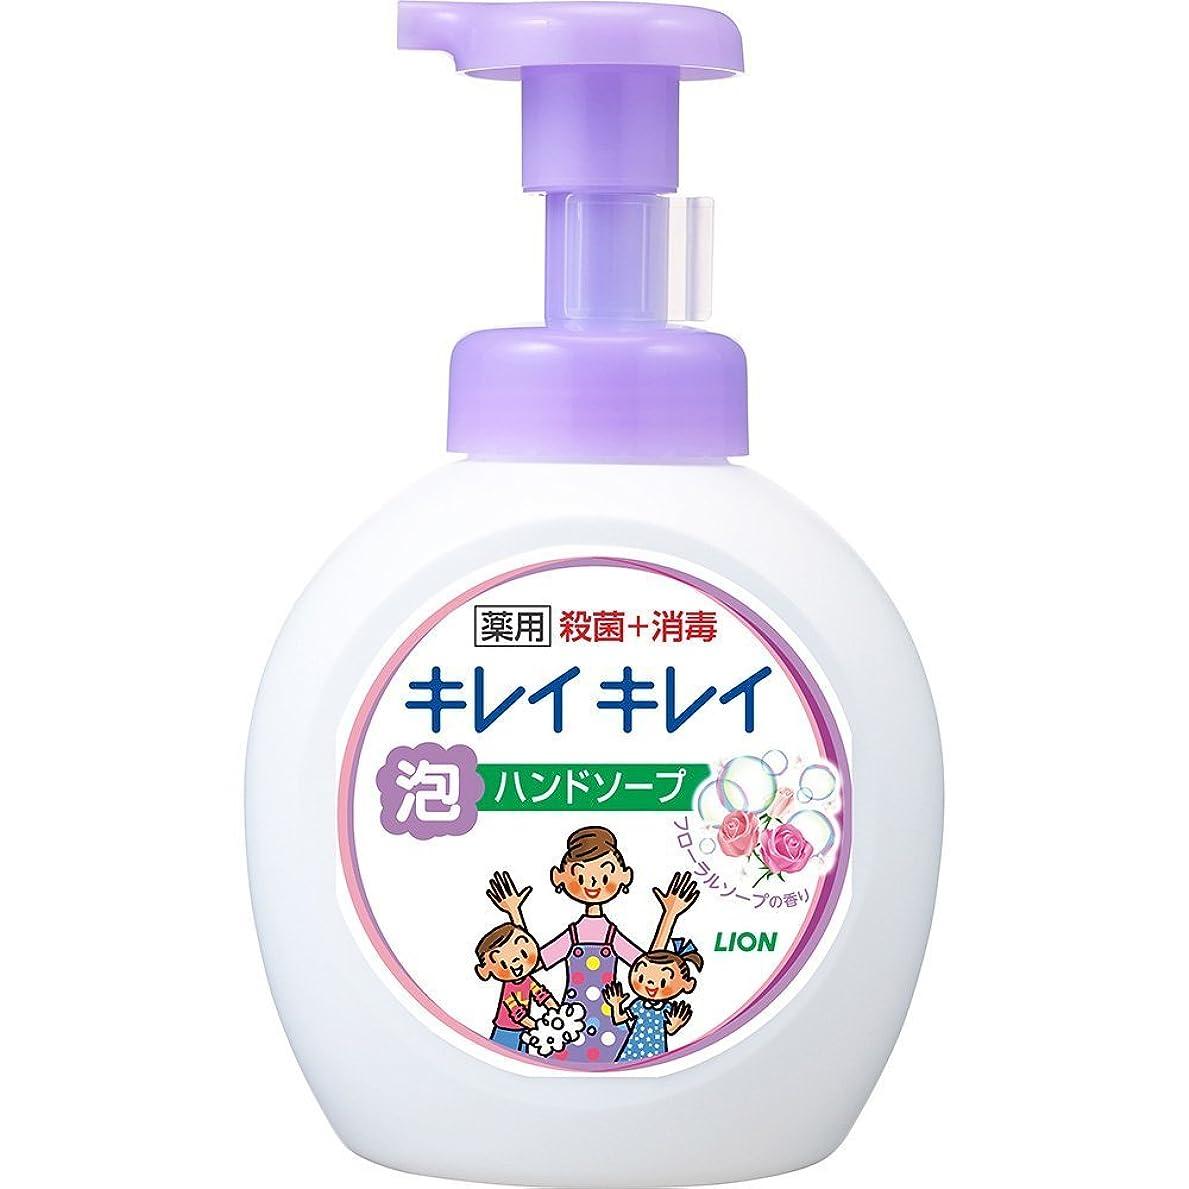 すすり泣き入射質素なキレイキレイ 薬用 泡ハンドソープ フローラルソープの香り 本体ポンプ 大型サイズ 500ml(医薬部外品)